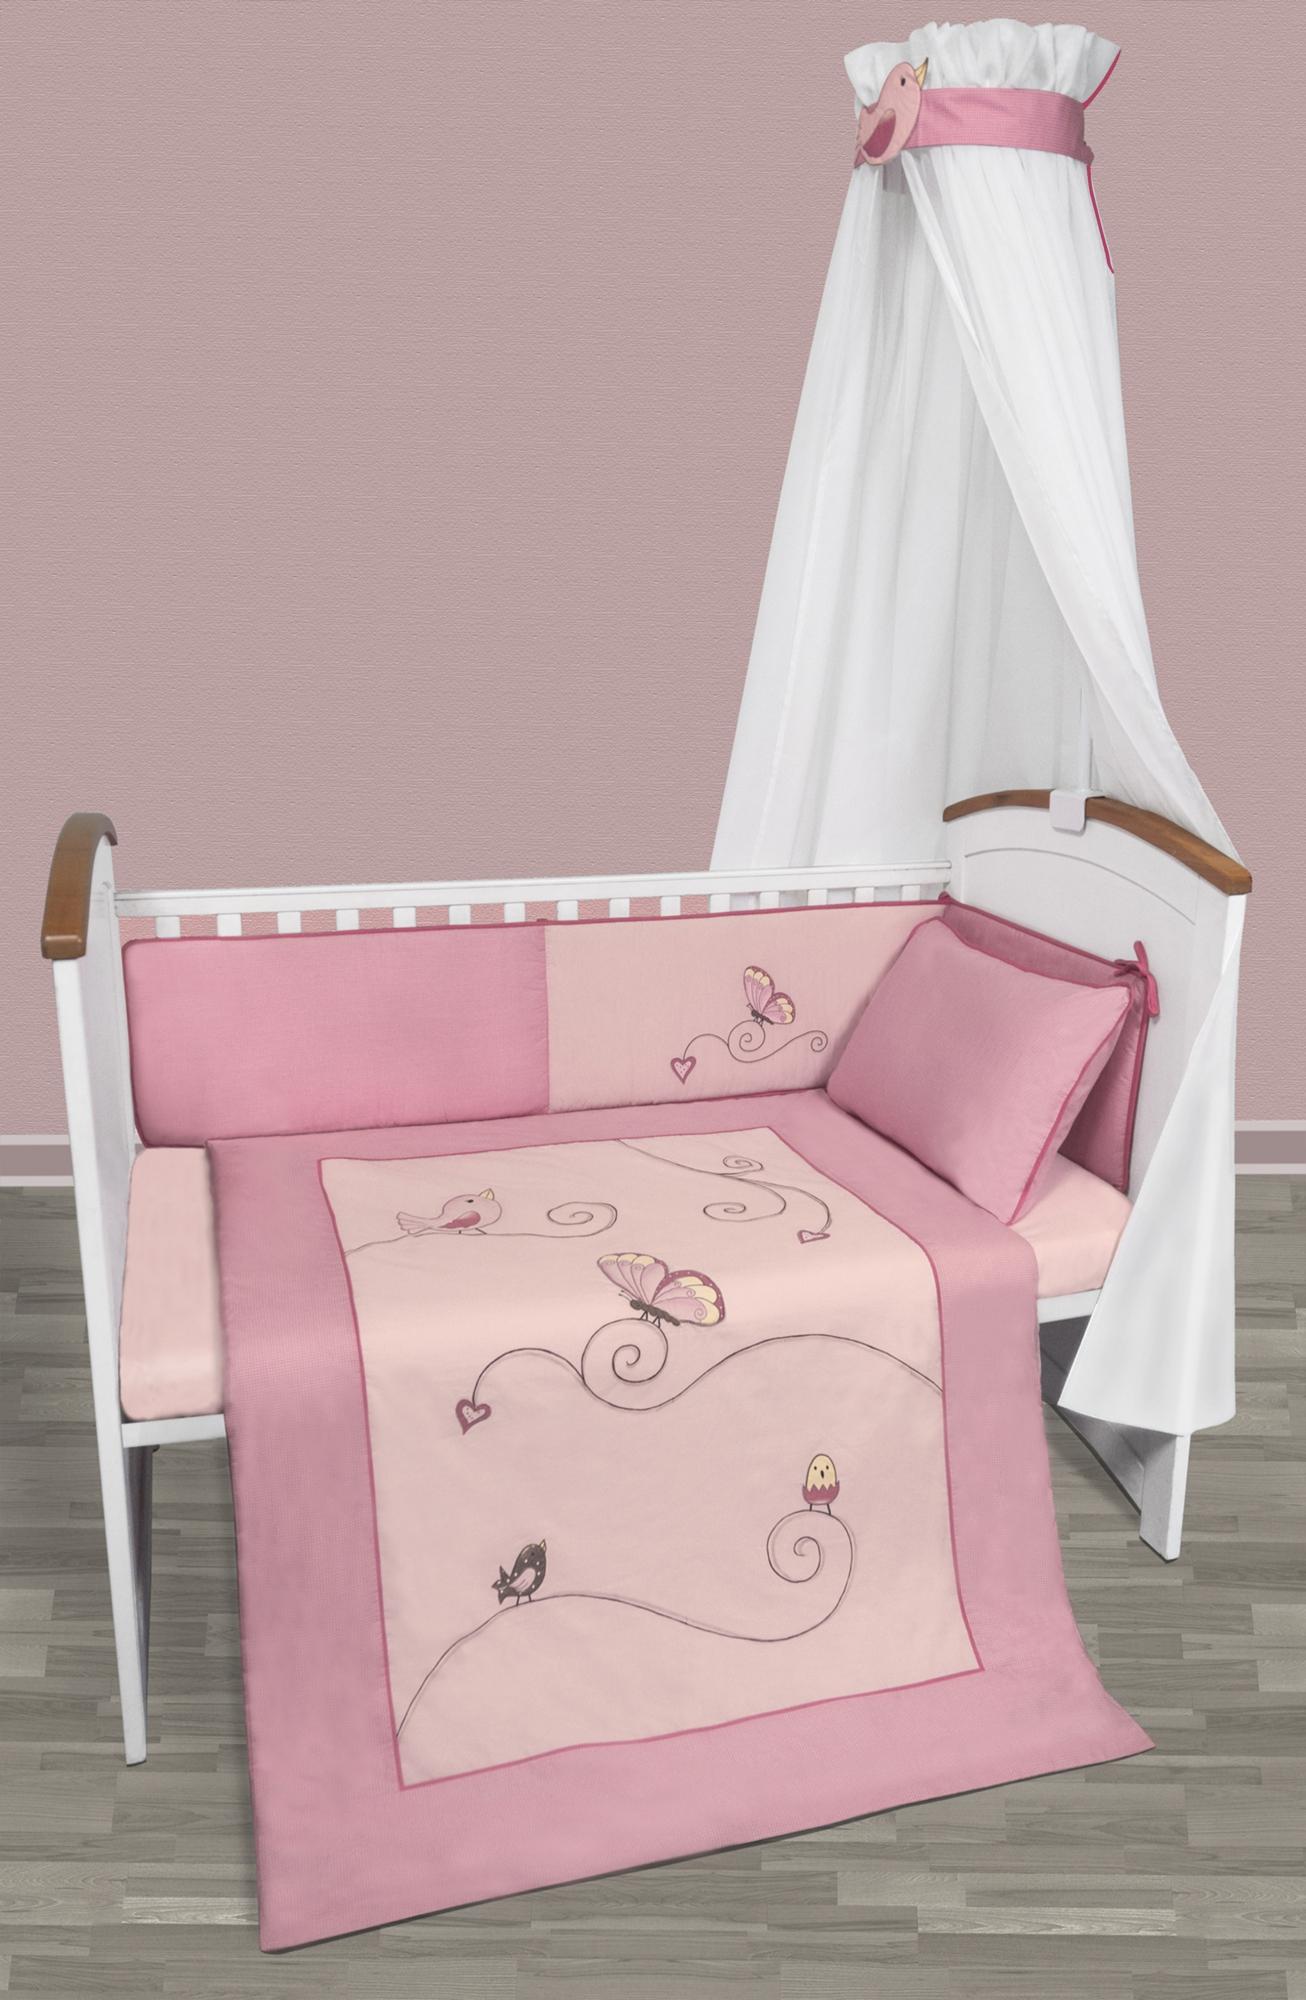 schmetterling baby bettset label f r wickeltaschen stillkissen stubenwagen spielzelte und. Black Bedroom Furniture Sets. Home Design Ideas